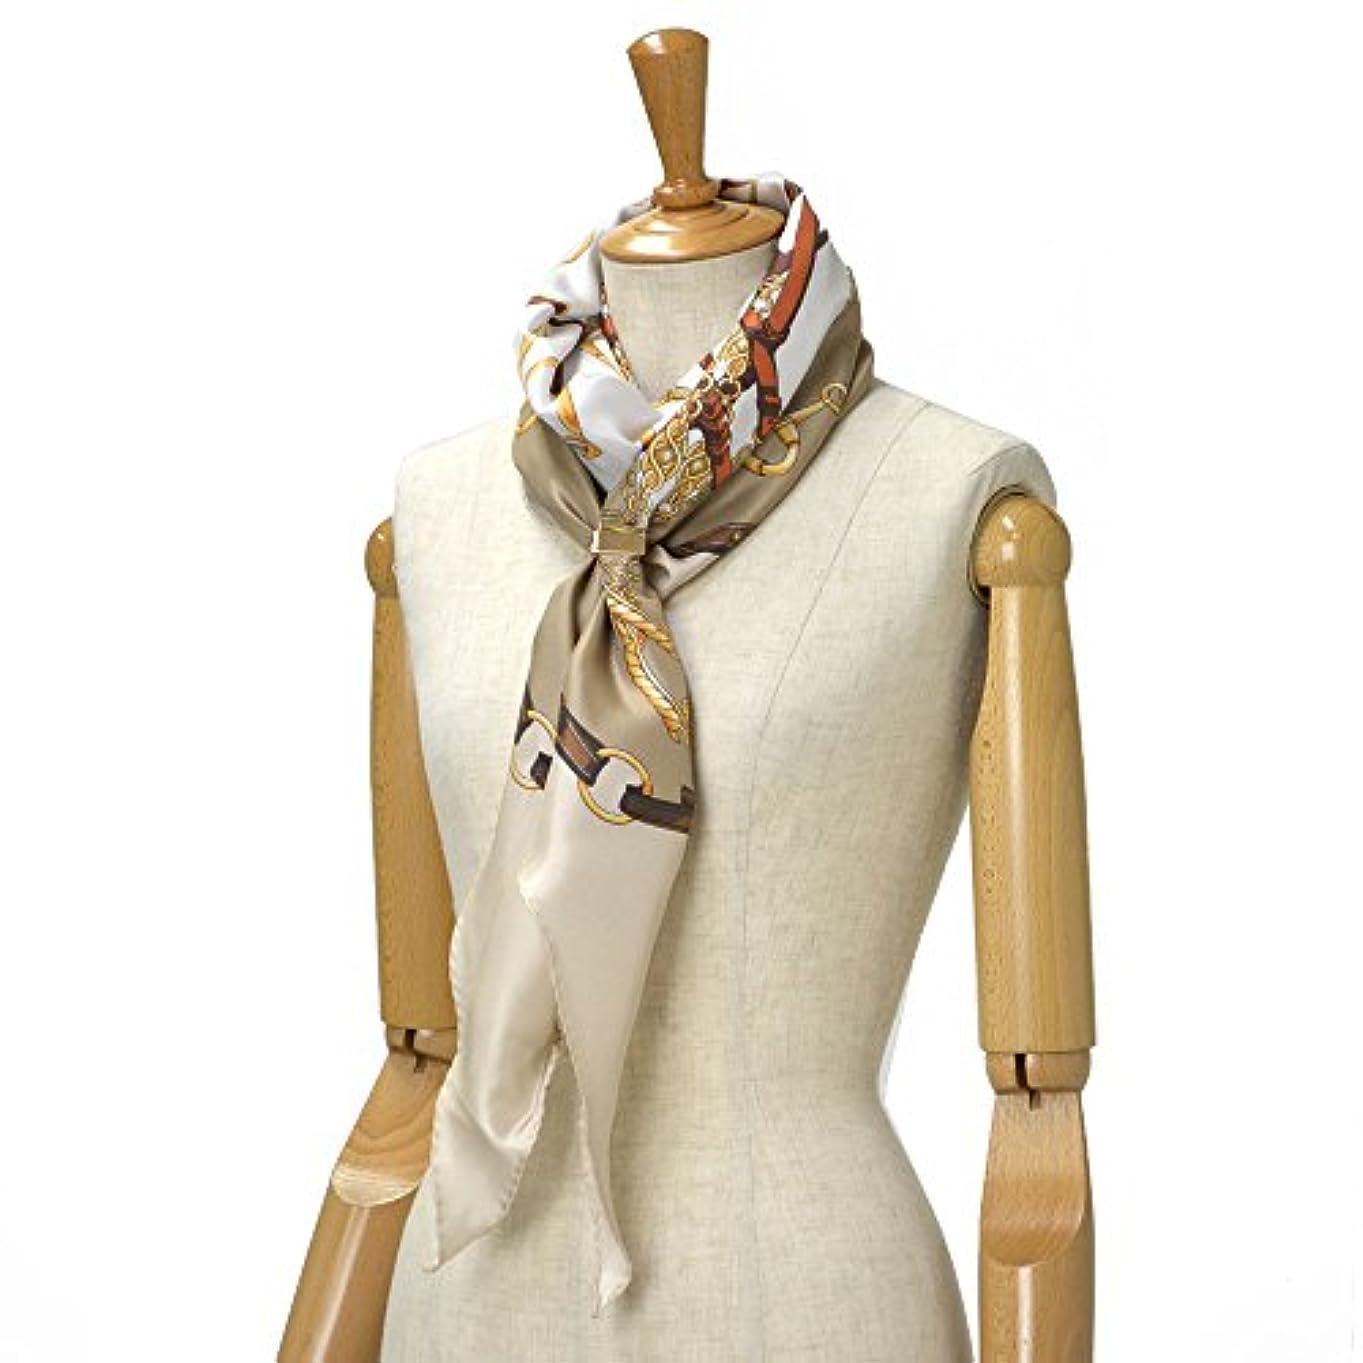 骨管理する決めますAltea【アルテア】ひし形ベルト柄スカーフ 1760517 04 シルク ベージュ